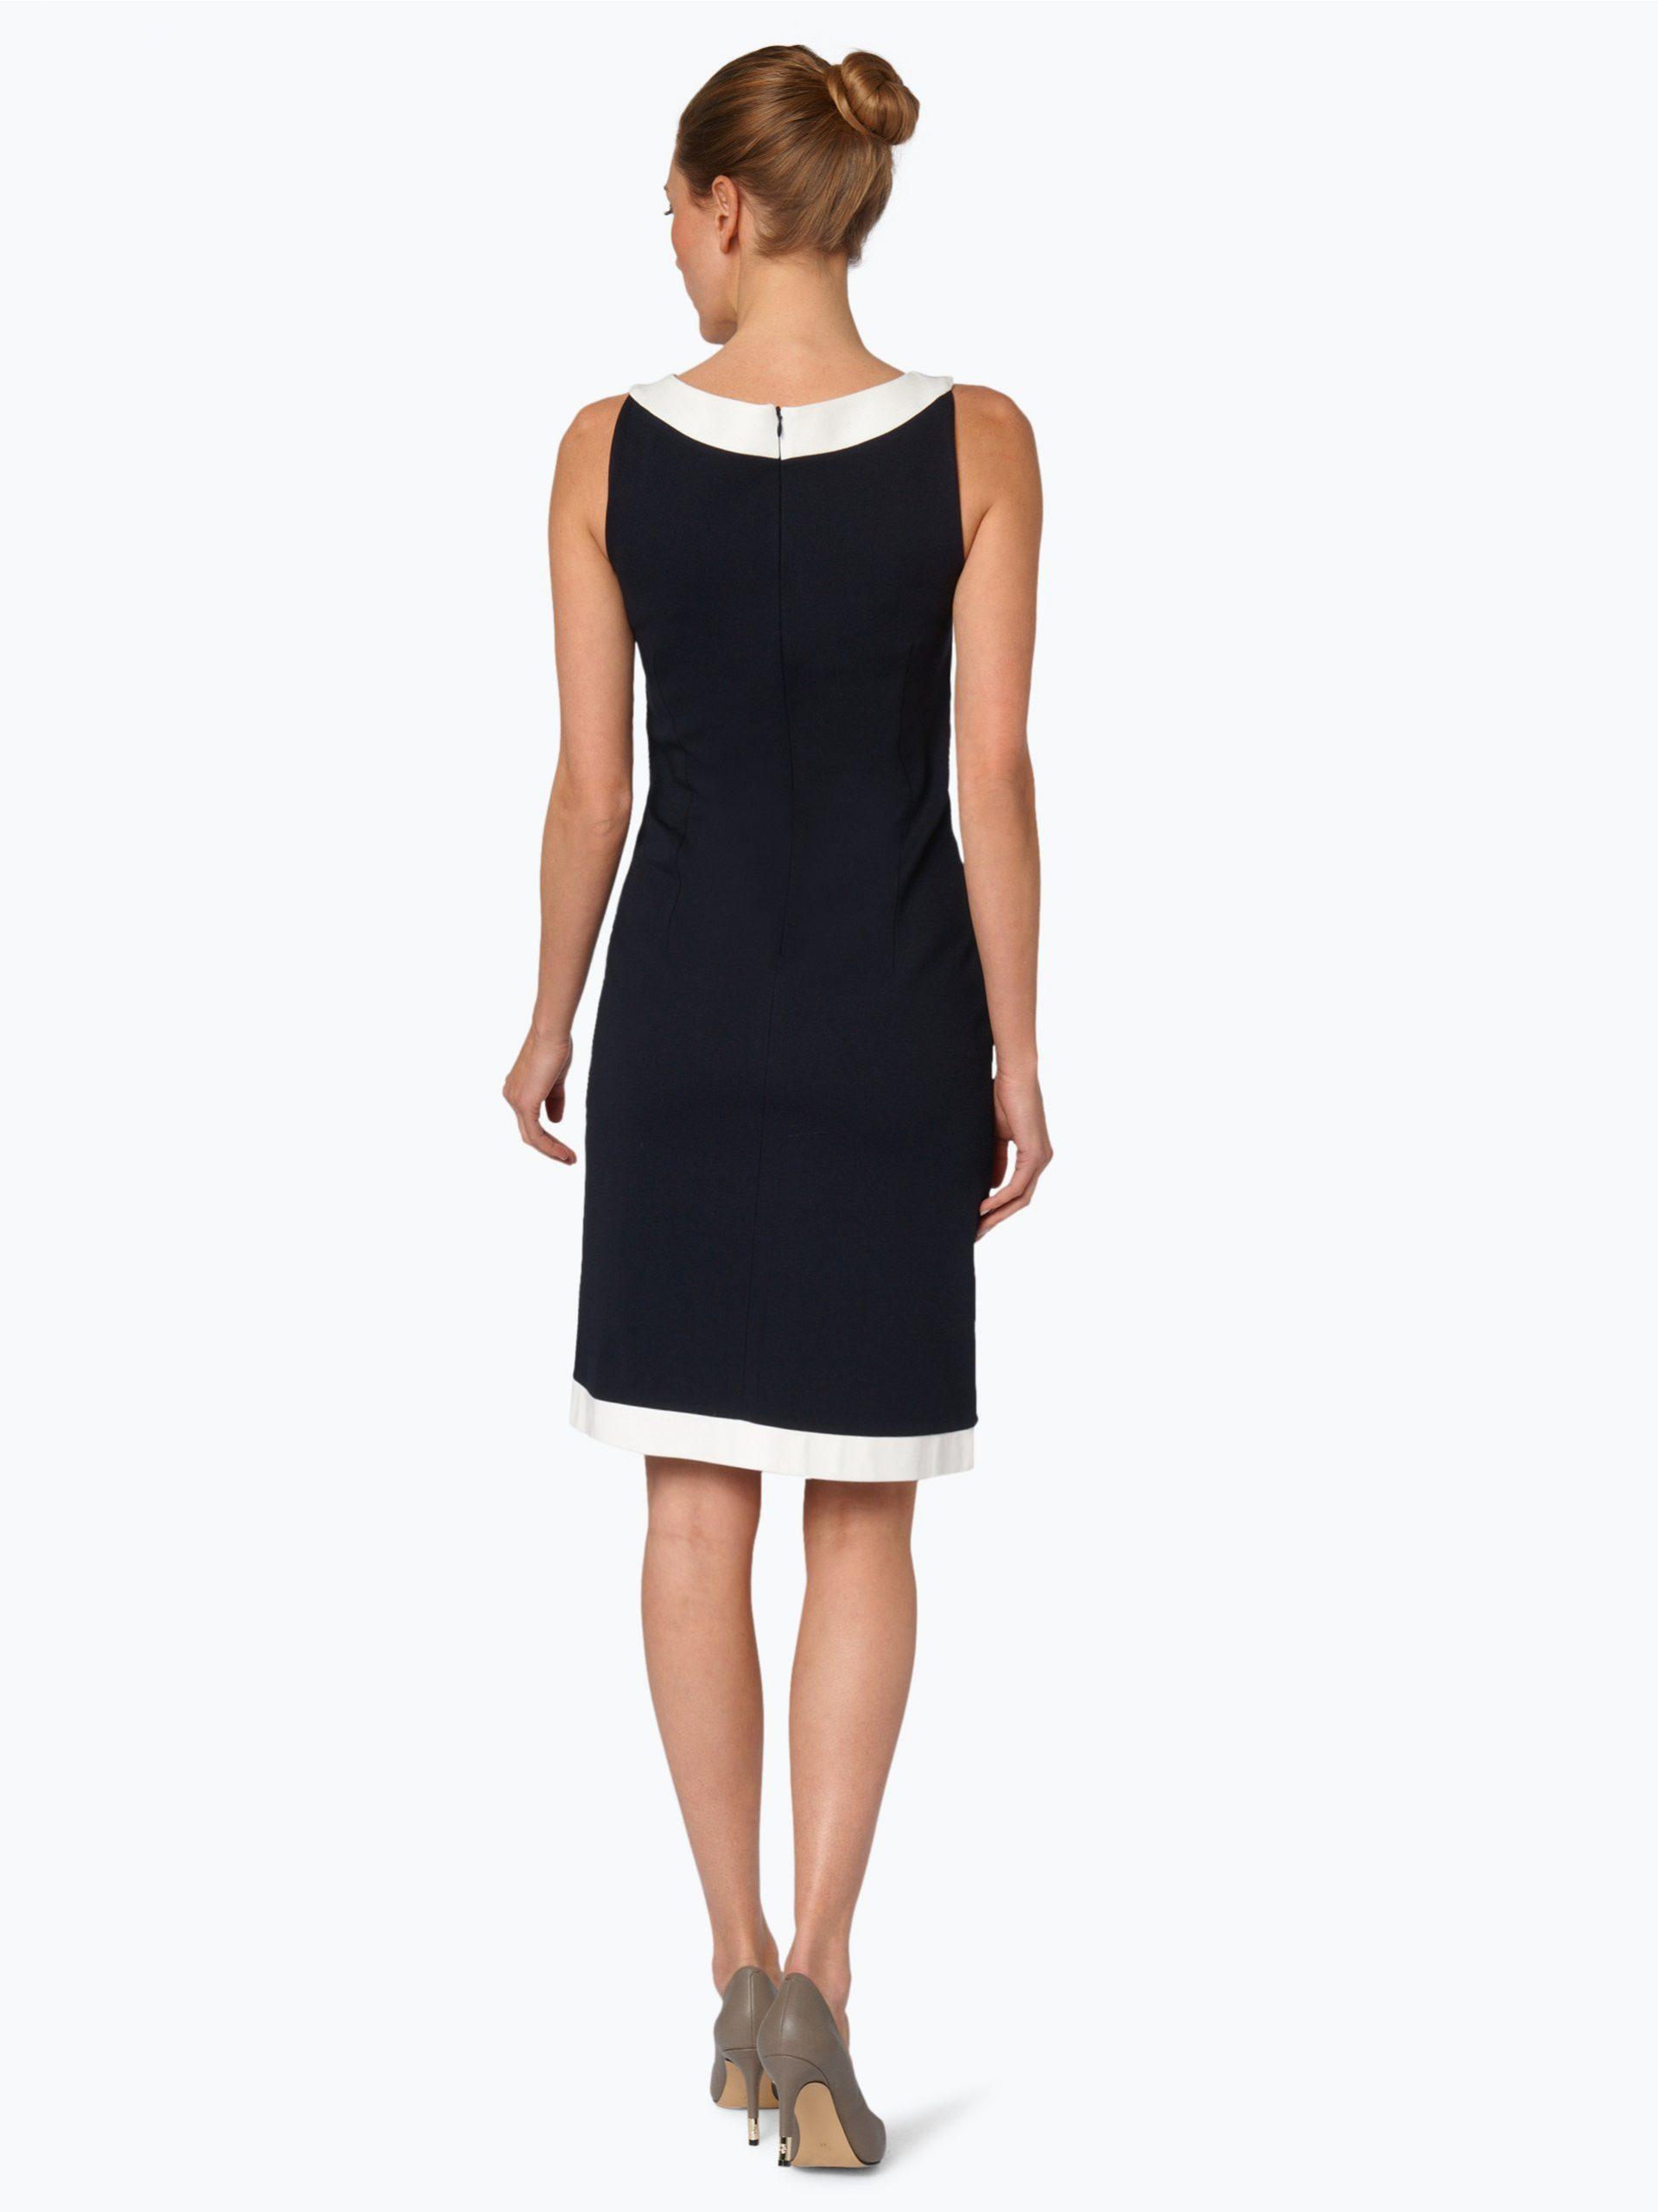 Stilvolle Comma Damen Kleid Blau Fotos  Bilder Und Bewertung